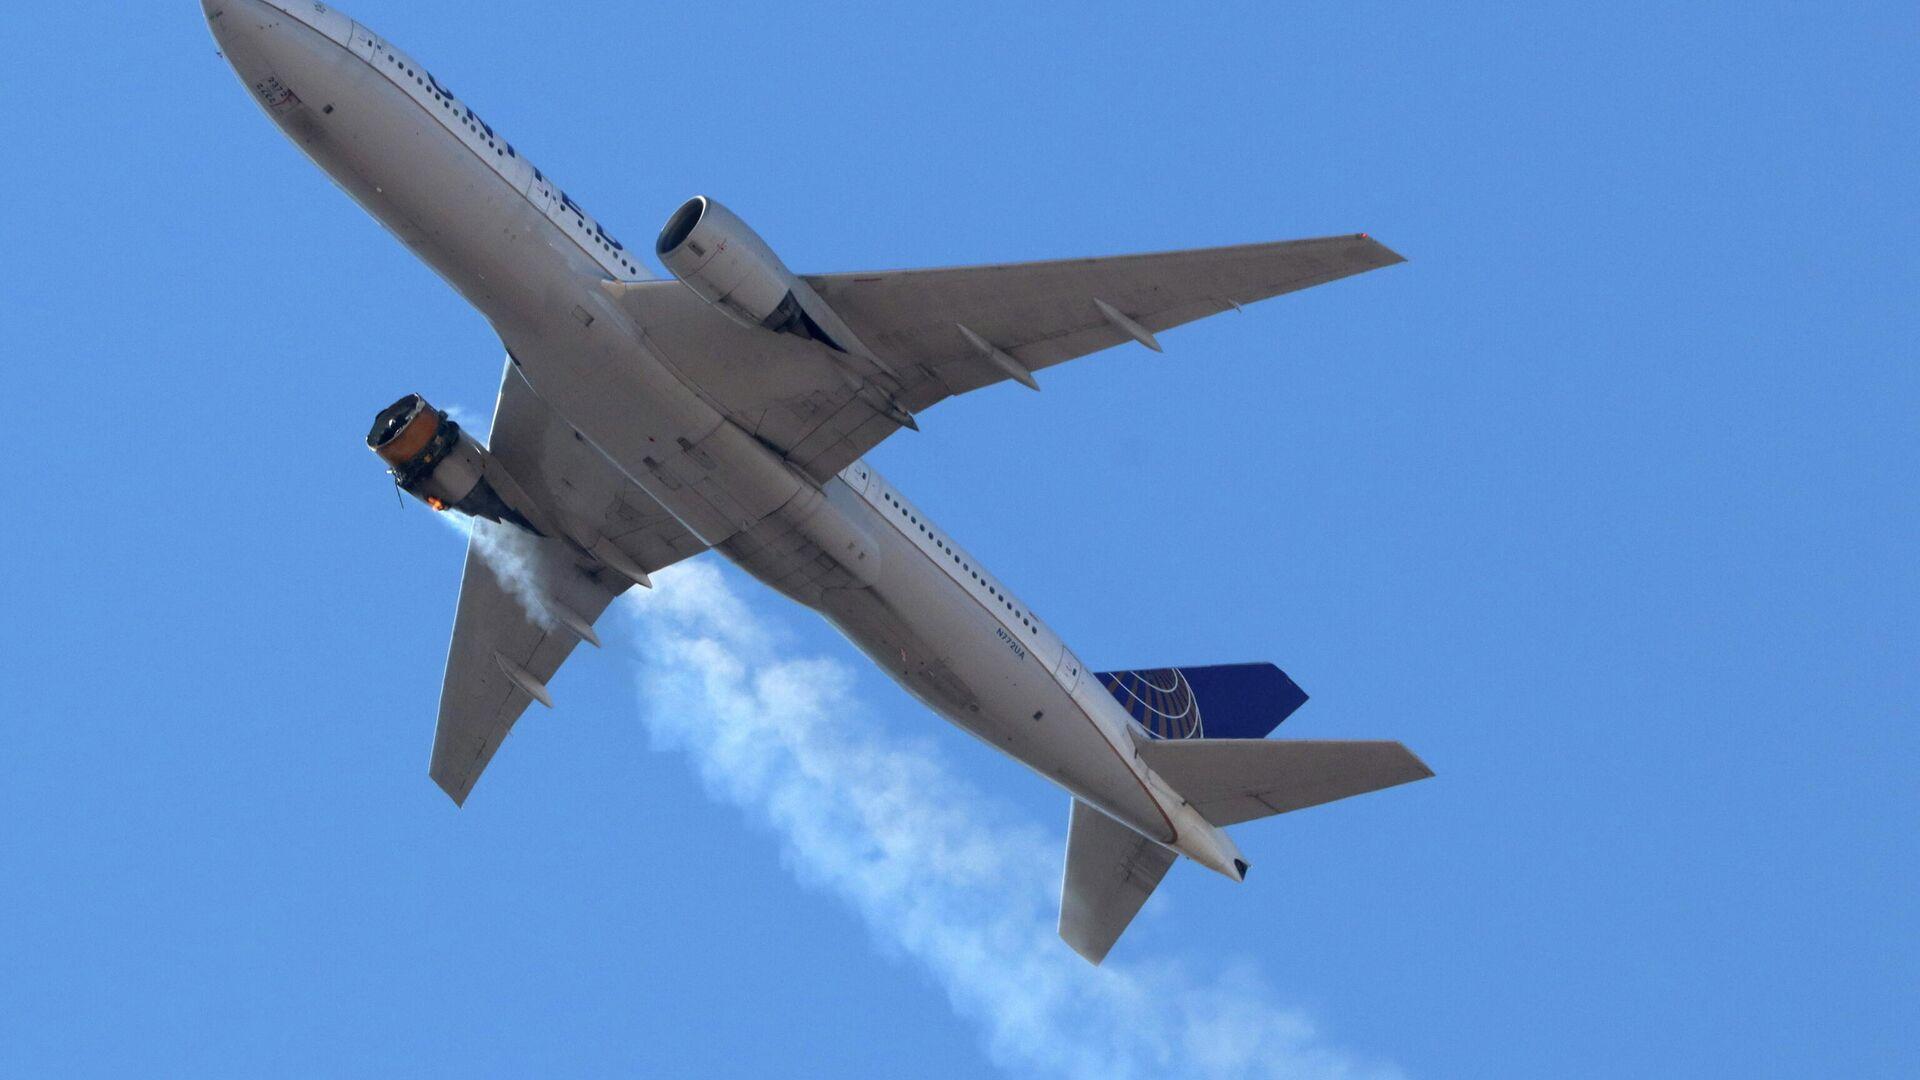 Vuelo UA328 de United Airlines el 20 de febrero de 2021 - Sputnik Mundo, 1920, 22.02.2021